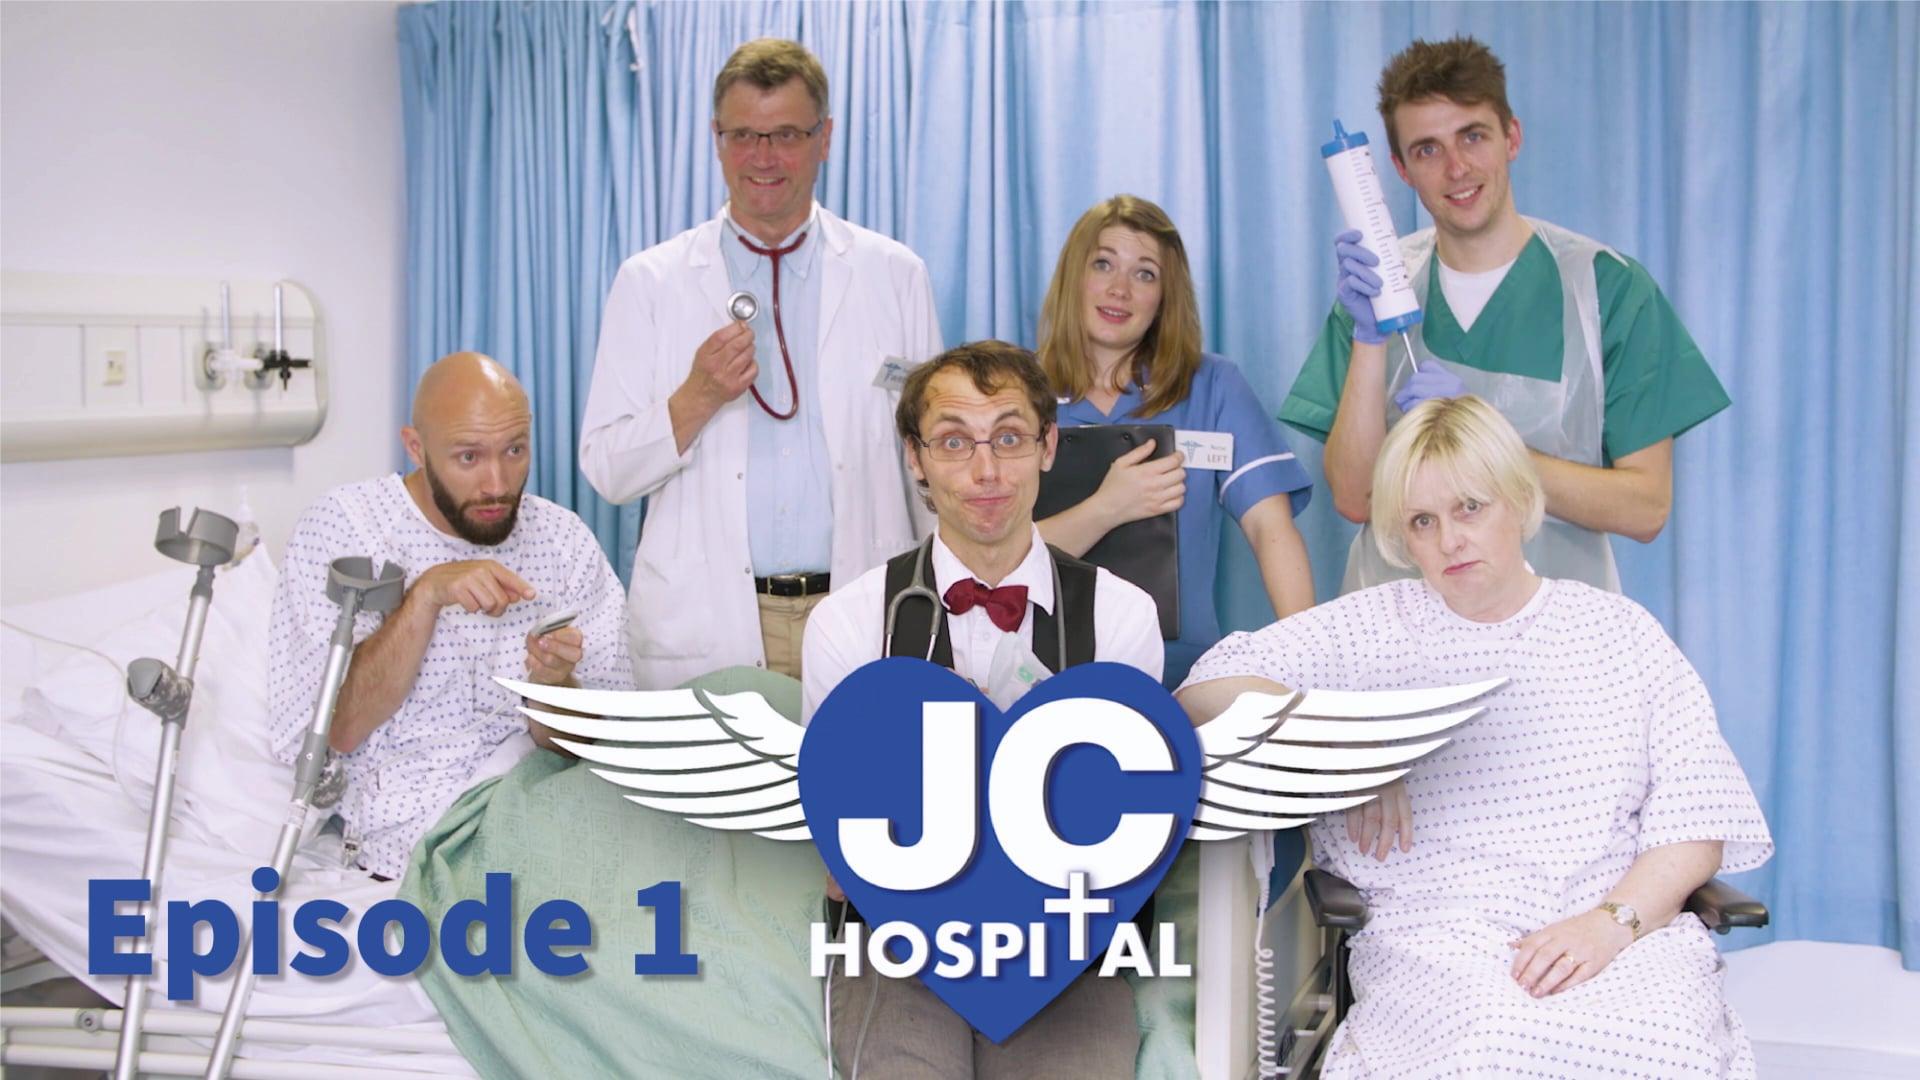 JC Hospital: Episode 1